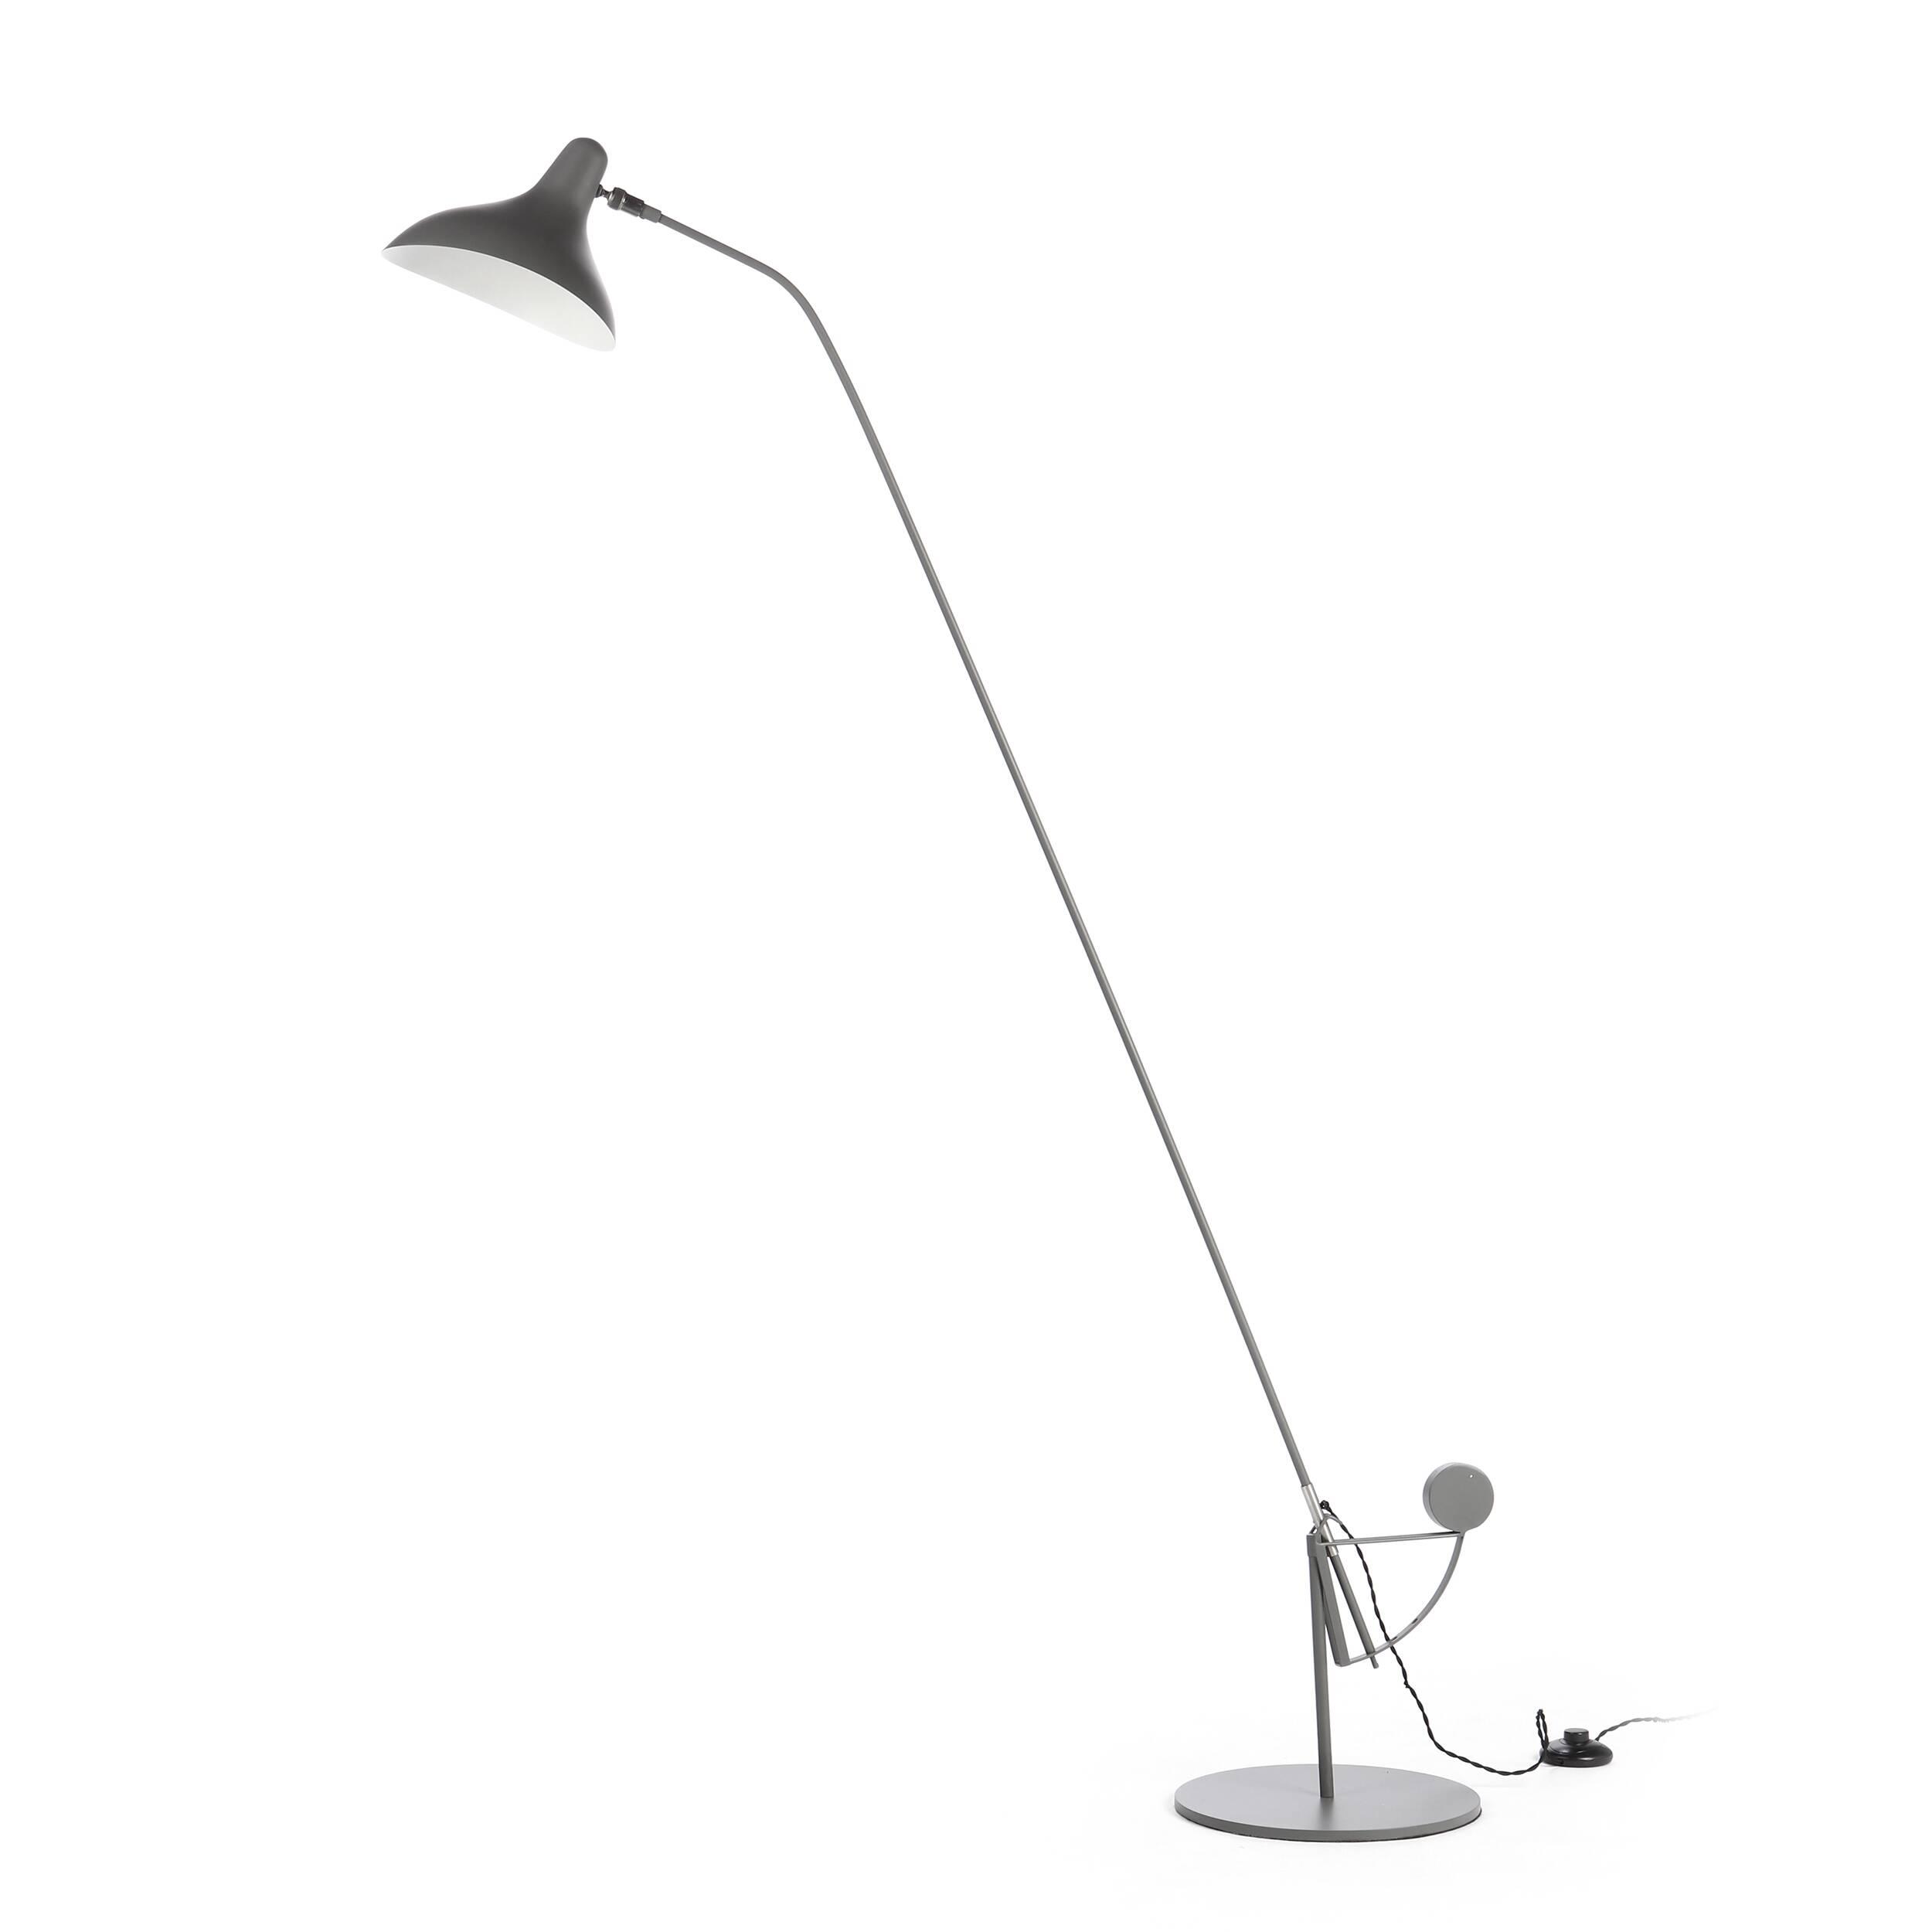 Напольный светильник MantisНапольные<br>Напольный светильник Mantis — это работа дизайнера Бернарда Шоттландера, которую он создал в 1951 году. Сам художник считает себя «дизайнером интерьеров и скульптором экстерьеров», поэтому его известный «богомол» (так переводится название светильника), может настраиваться по высоте и сгибу в зависимости от нужд владельца.<br><br><br> Настраиваемый функционал — одно из главных достоинств этого светильника. Очень удобно иметь возможность направить свет так, чтобы он падал под идеальным углом, или...<br><br>stock: 1<br>Высота: 170<br>Диаметр: 29<br>Количество ламп: 1<br>Материал абажура: Алюминий<br>Материал арматуры: Сталь<br>Мощность лампы: 40<br>Ламп в комплекте: Нет<br>Напряжение: 220-240<br>Тип лампы/цоколь: E14<br>Цвет абажура: Темно-серый<br>Цвет арматуры: Темно-серый<br>Цвет провода: Черный